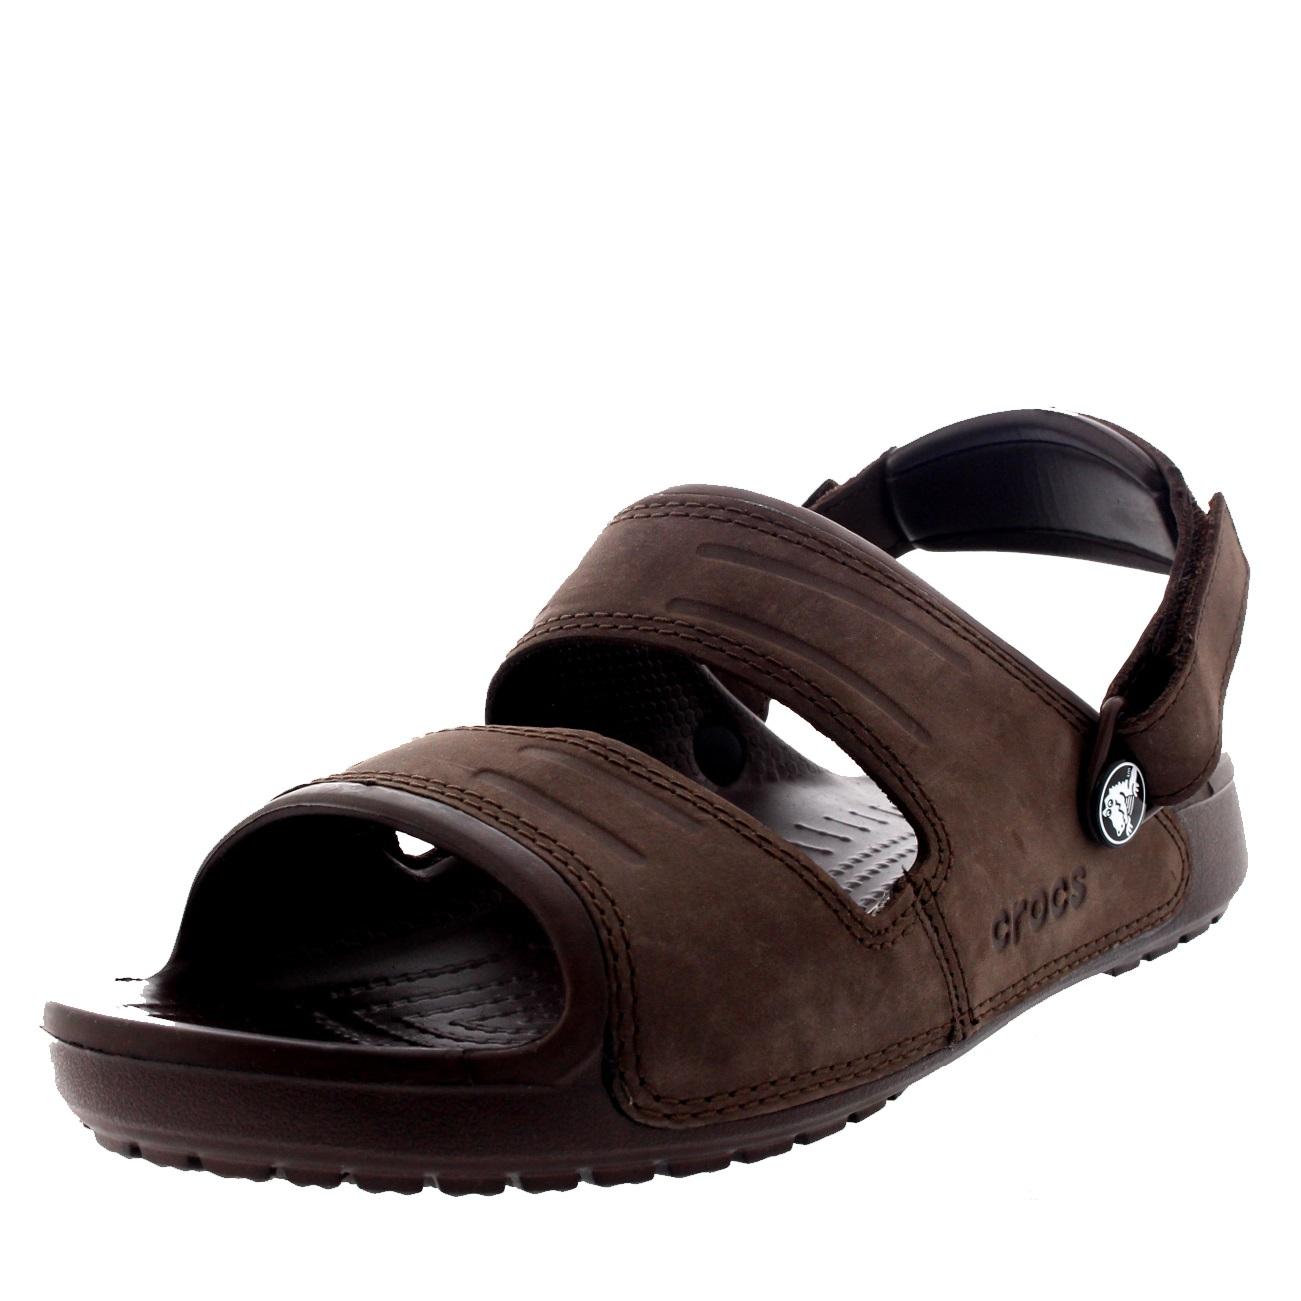 Crocs Yukon Two Strap